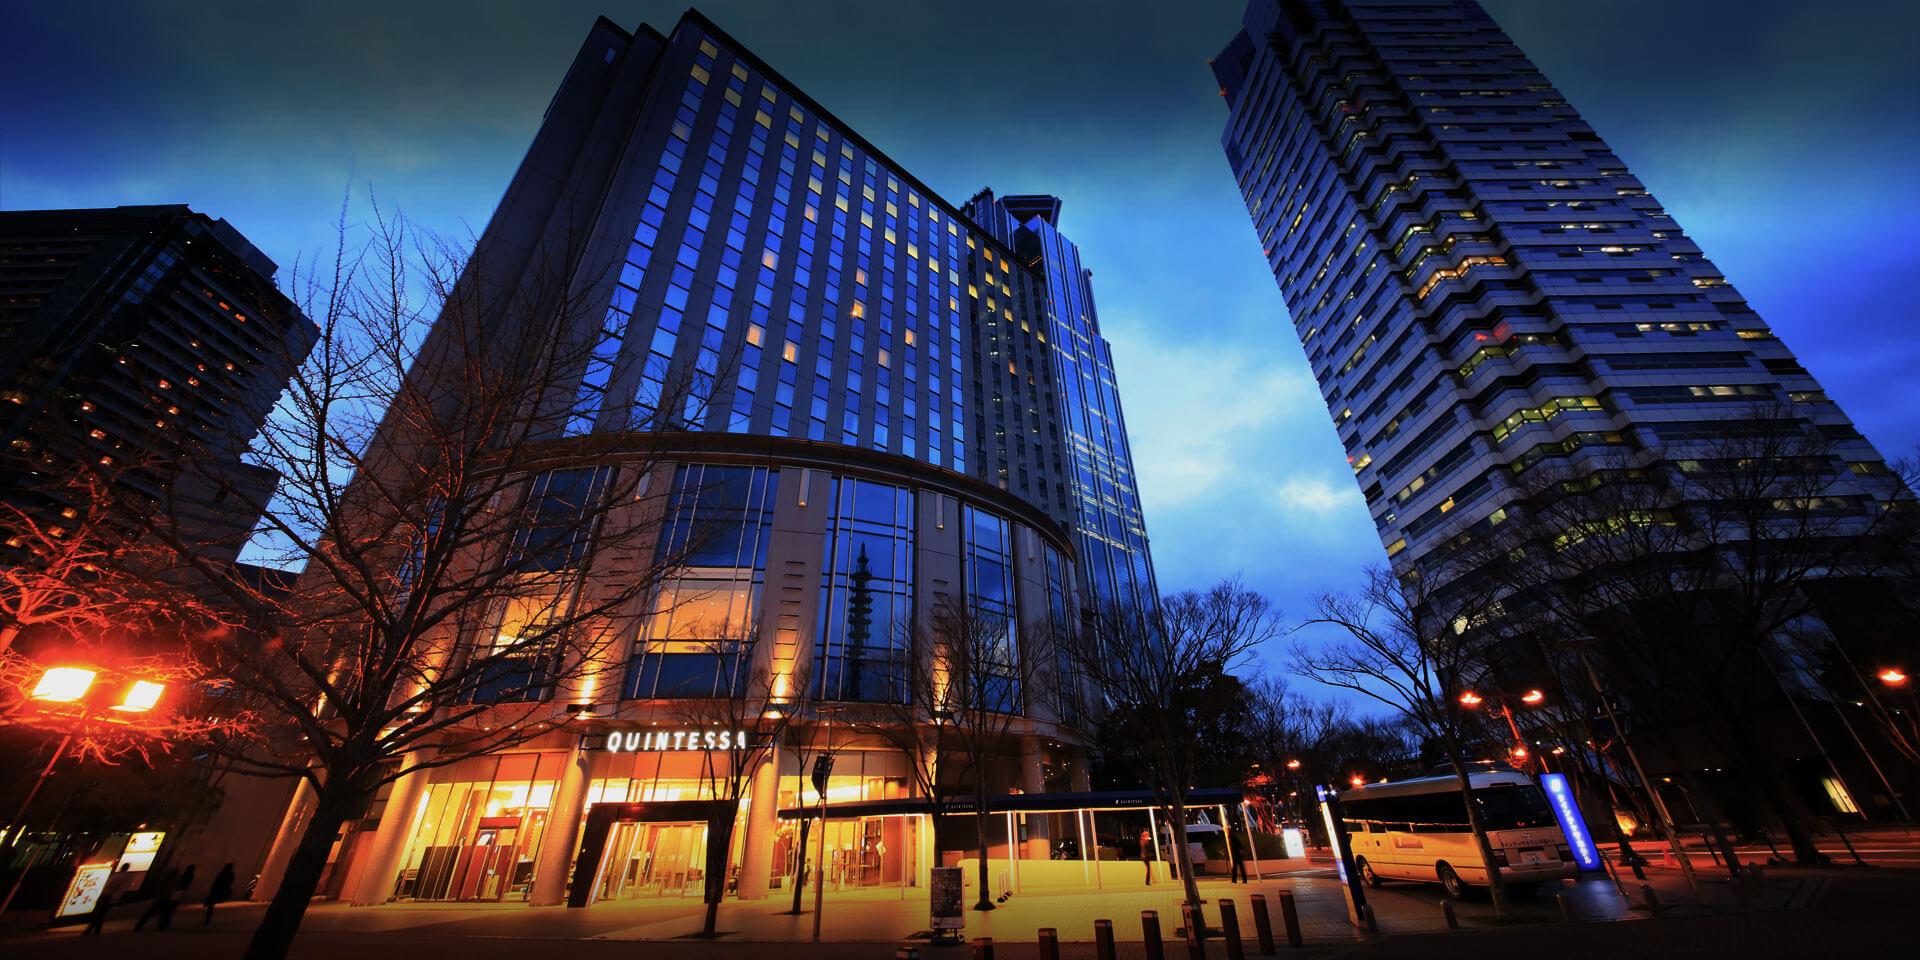 原:大阪拉雷森酒店,更名為「大阪湾昆特萨酒店」重新开业。